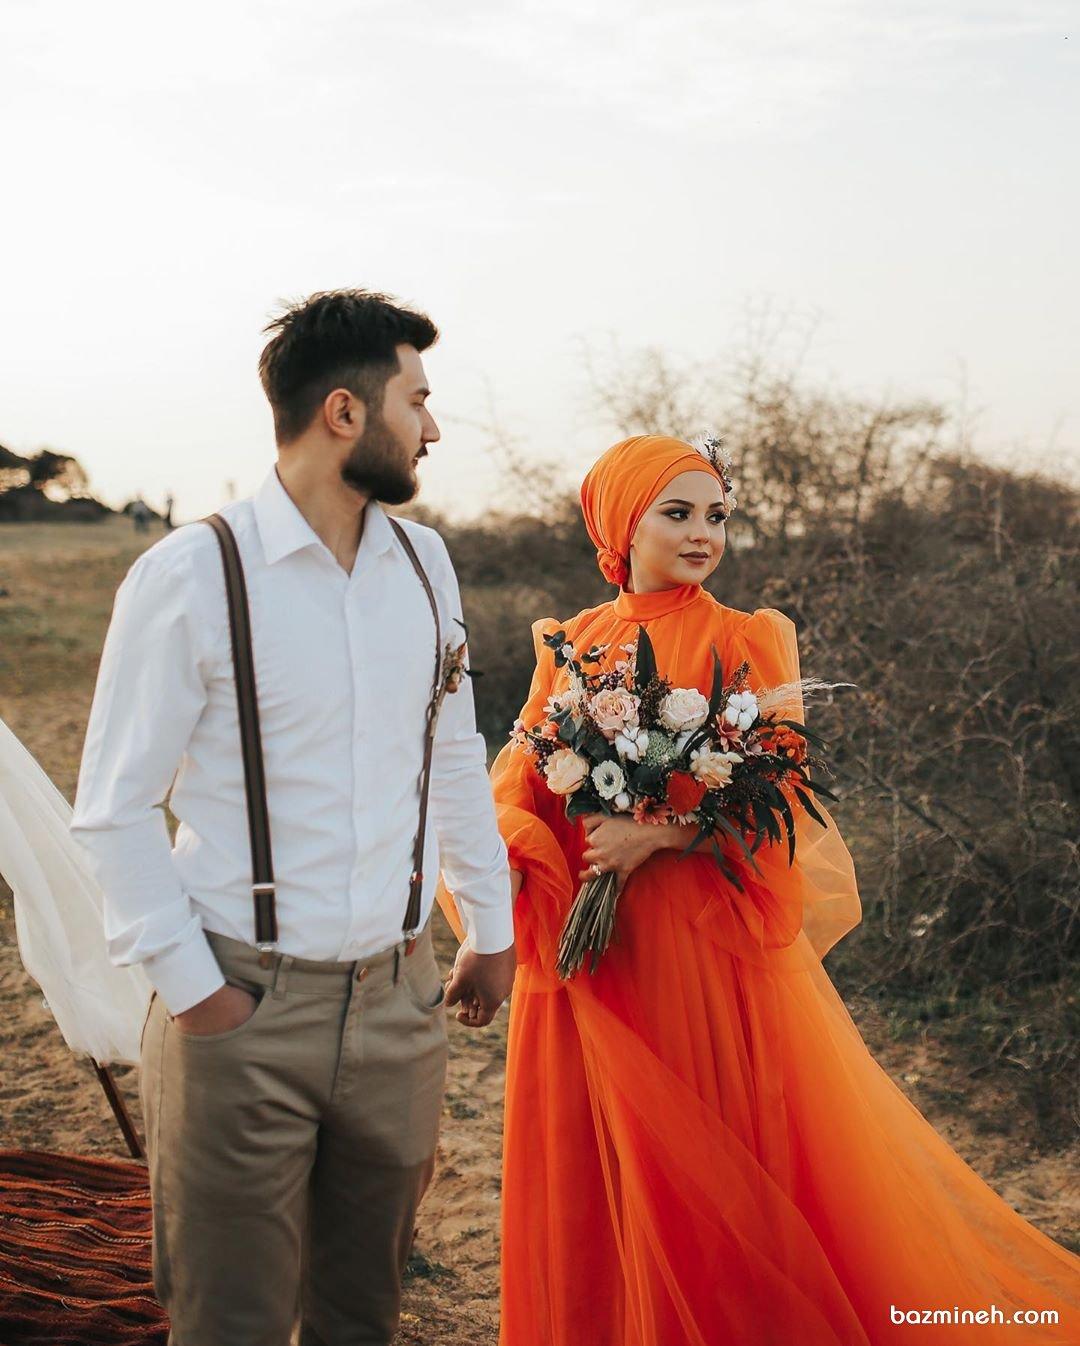 با آداب و رسوم عروسی در شیراز آشنا شوید.